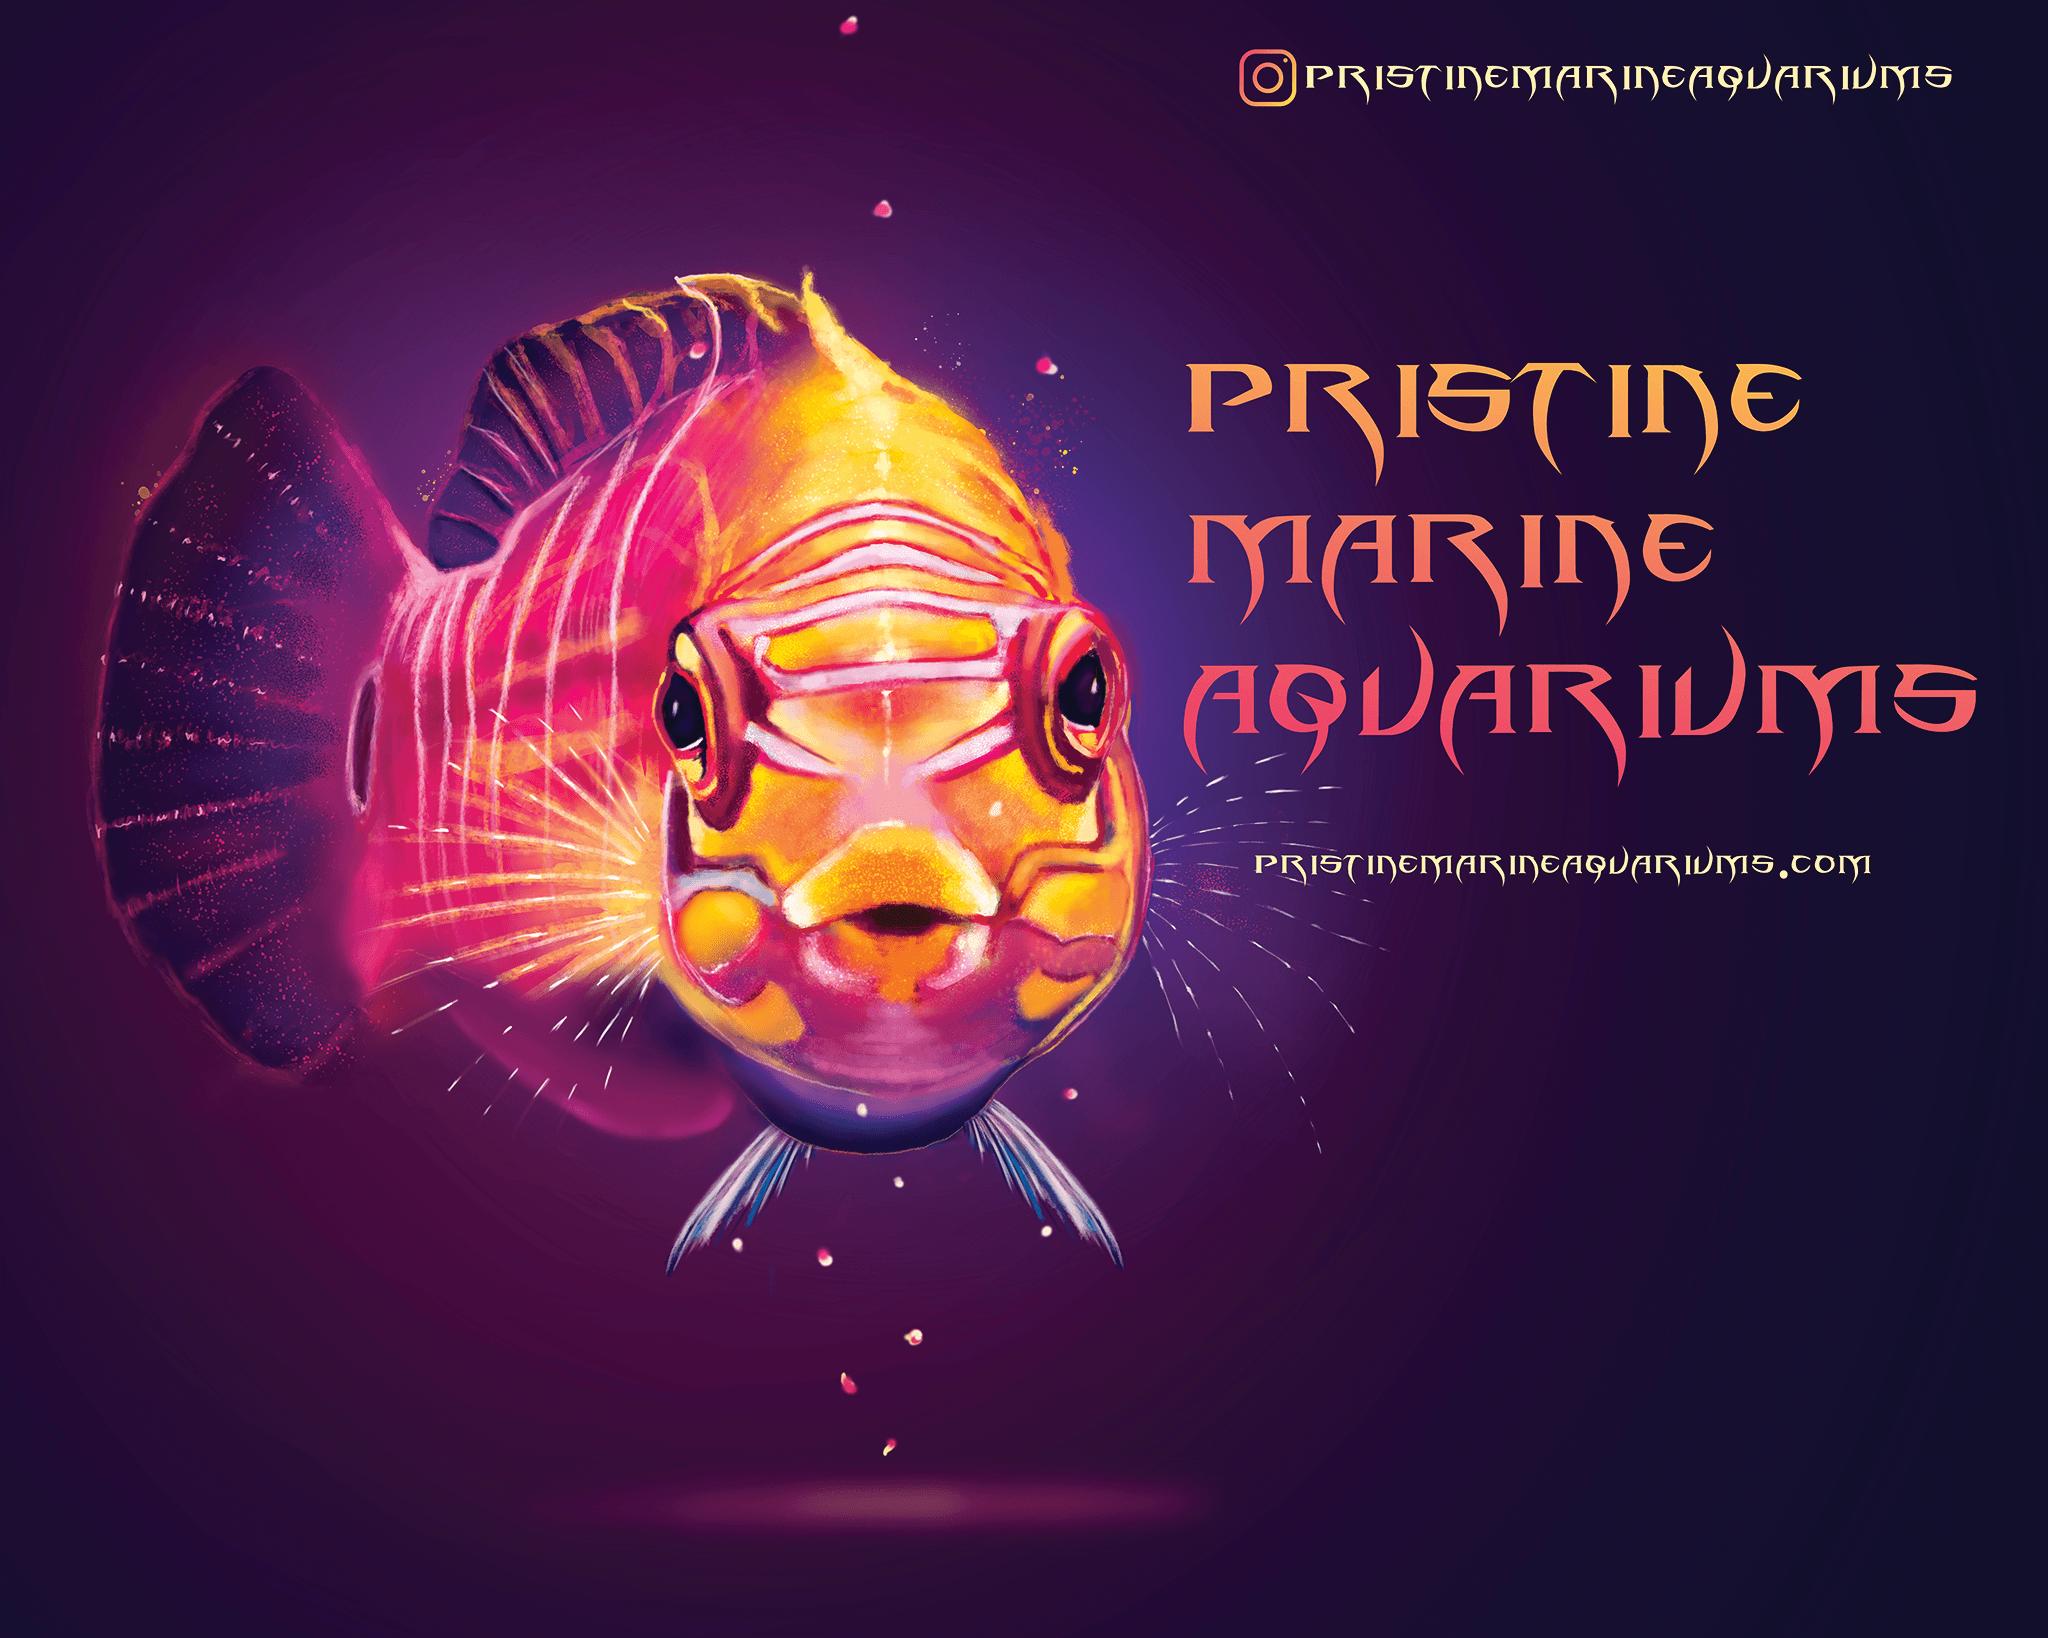 Pristine Marine Aquariums